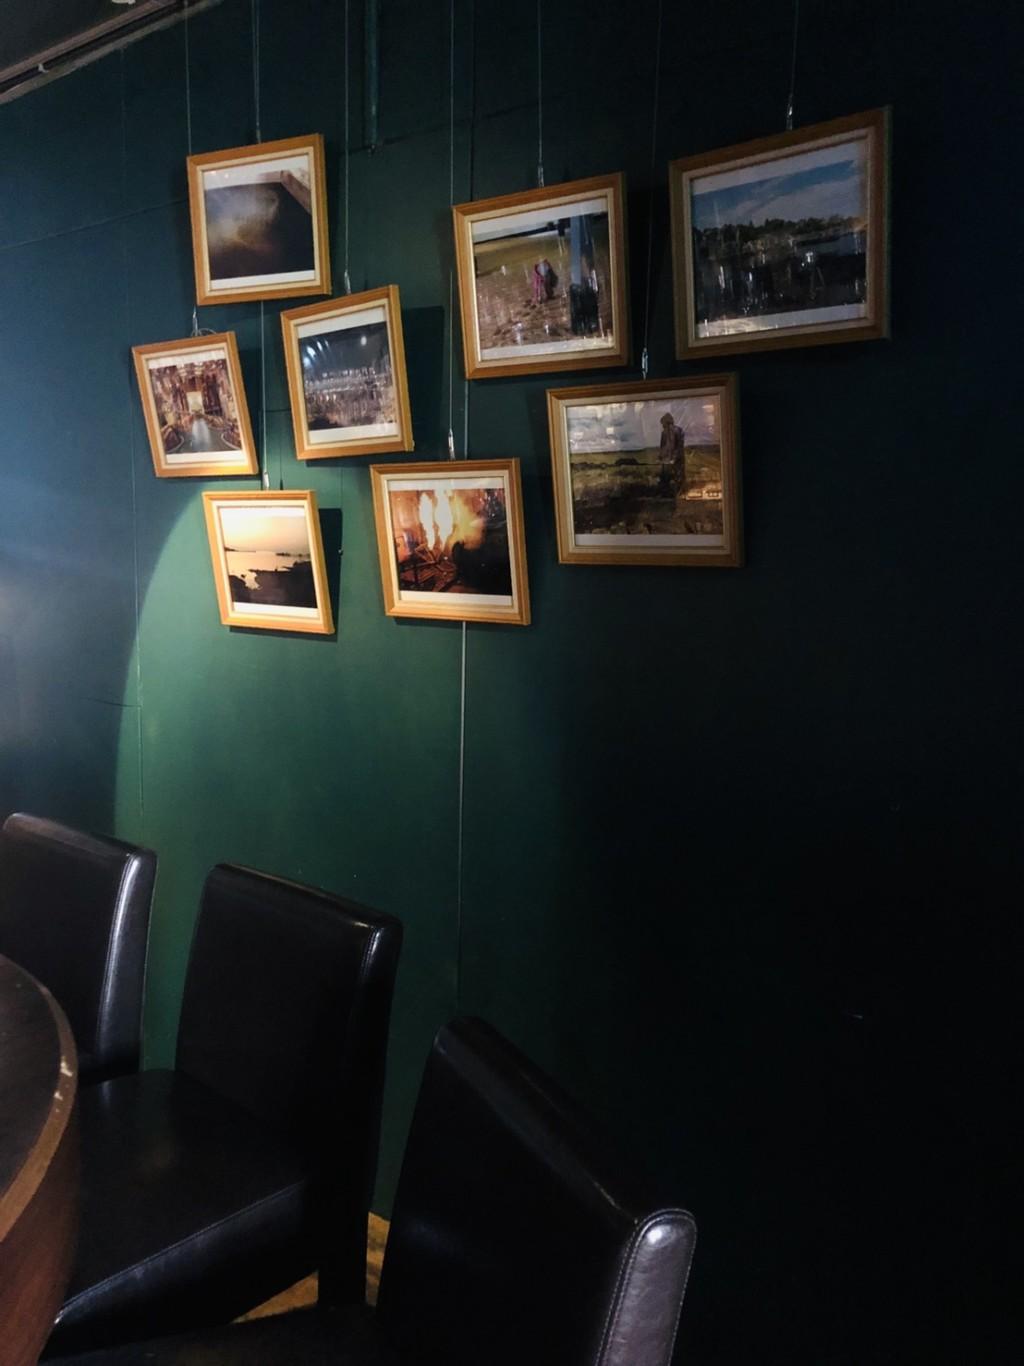 「酒吧裡的深夜食堂」讓你體驗世界級餐酒搭配 中秋節「威士忌+烤肉」喝到爽吃到飽!